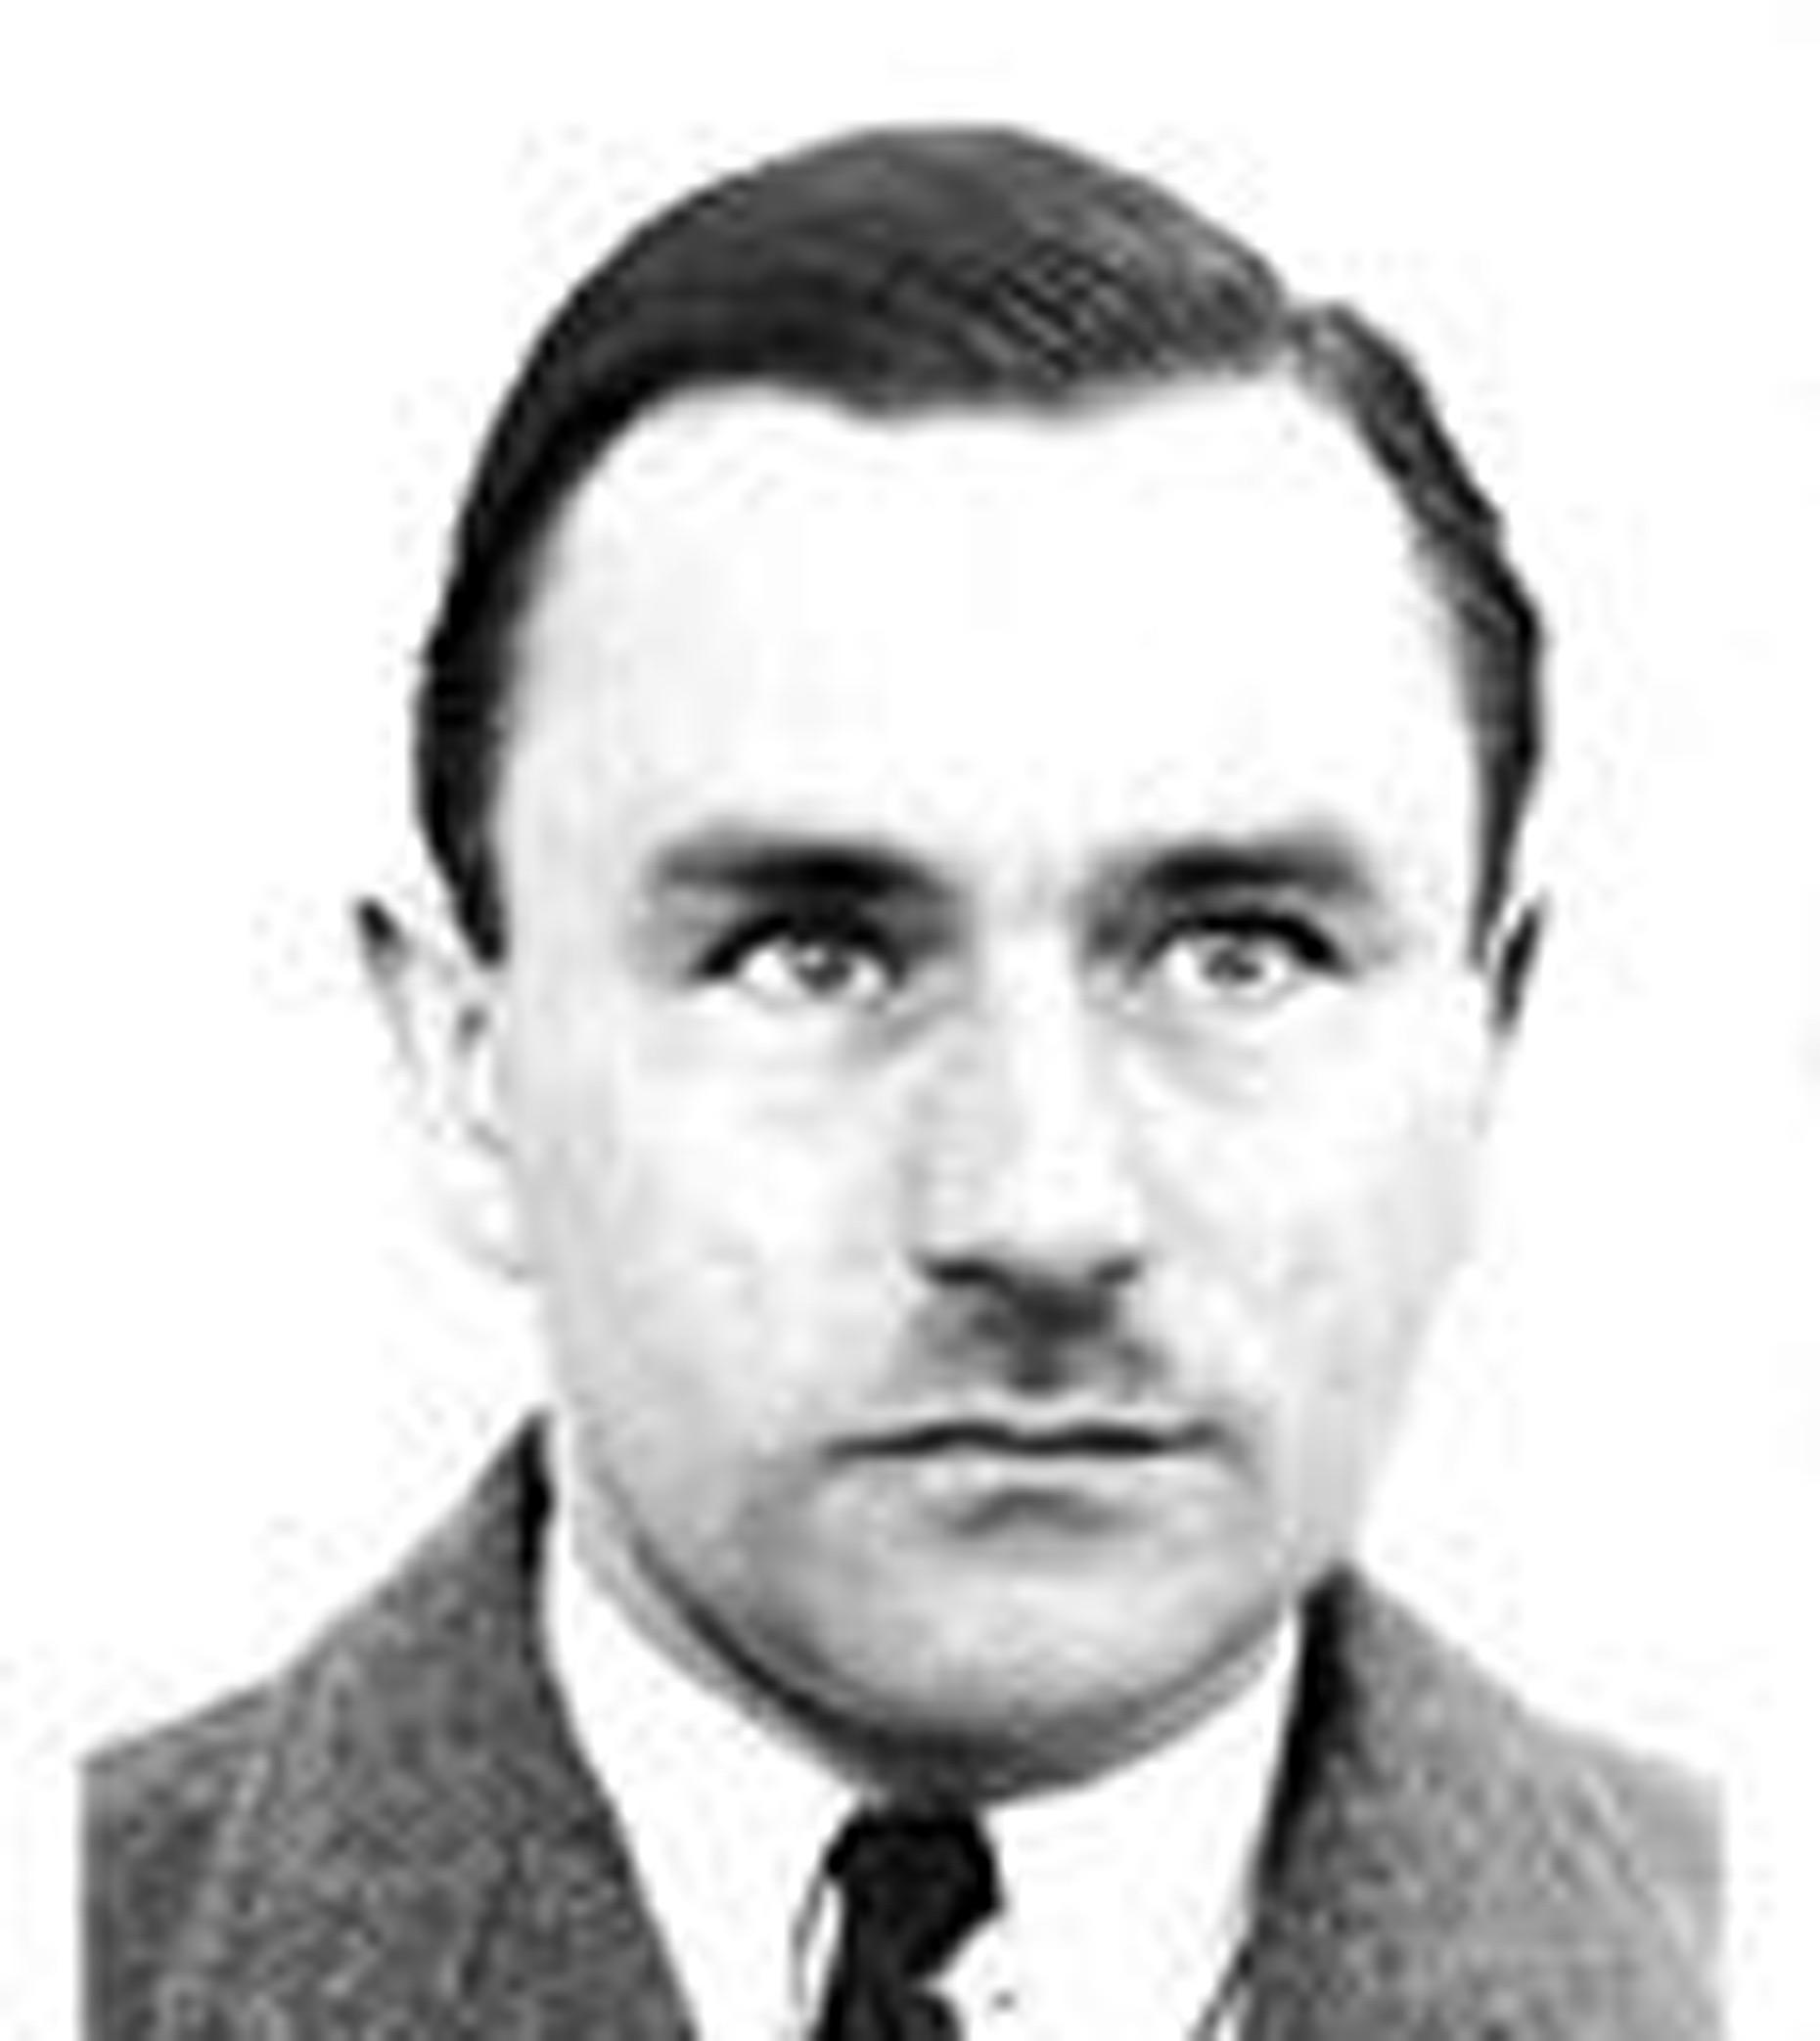 Police photograph of John Haigh (1949)